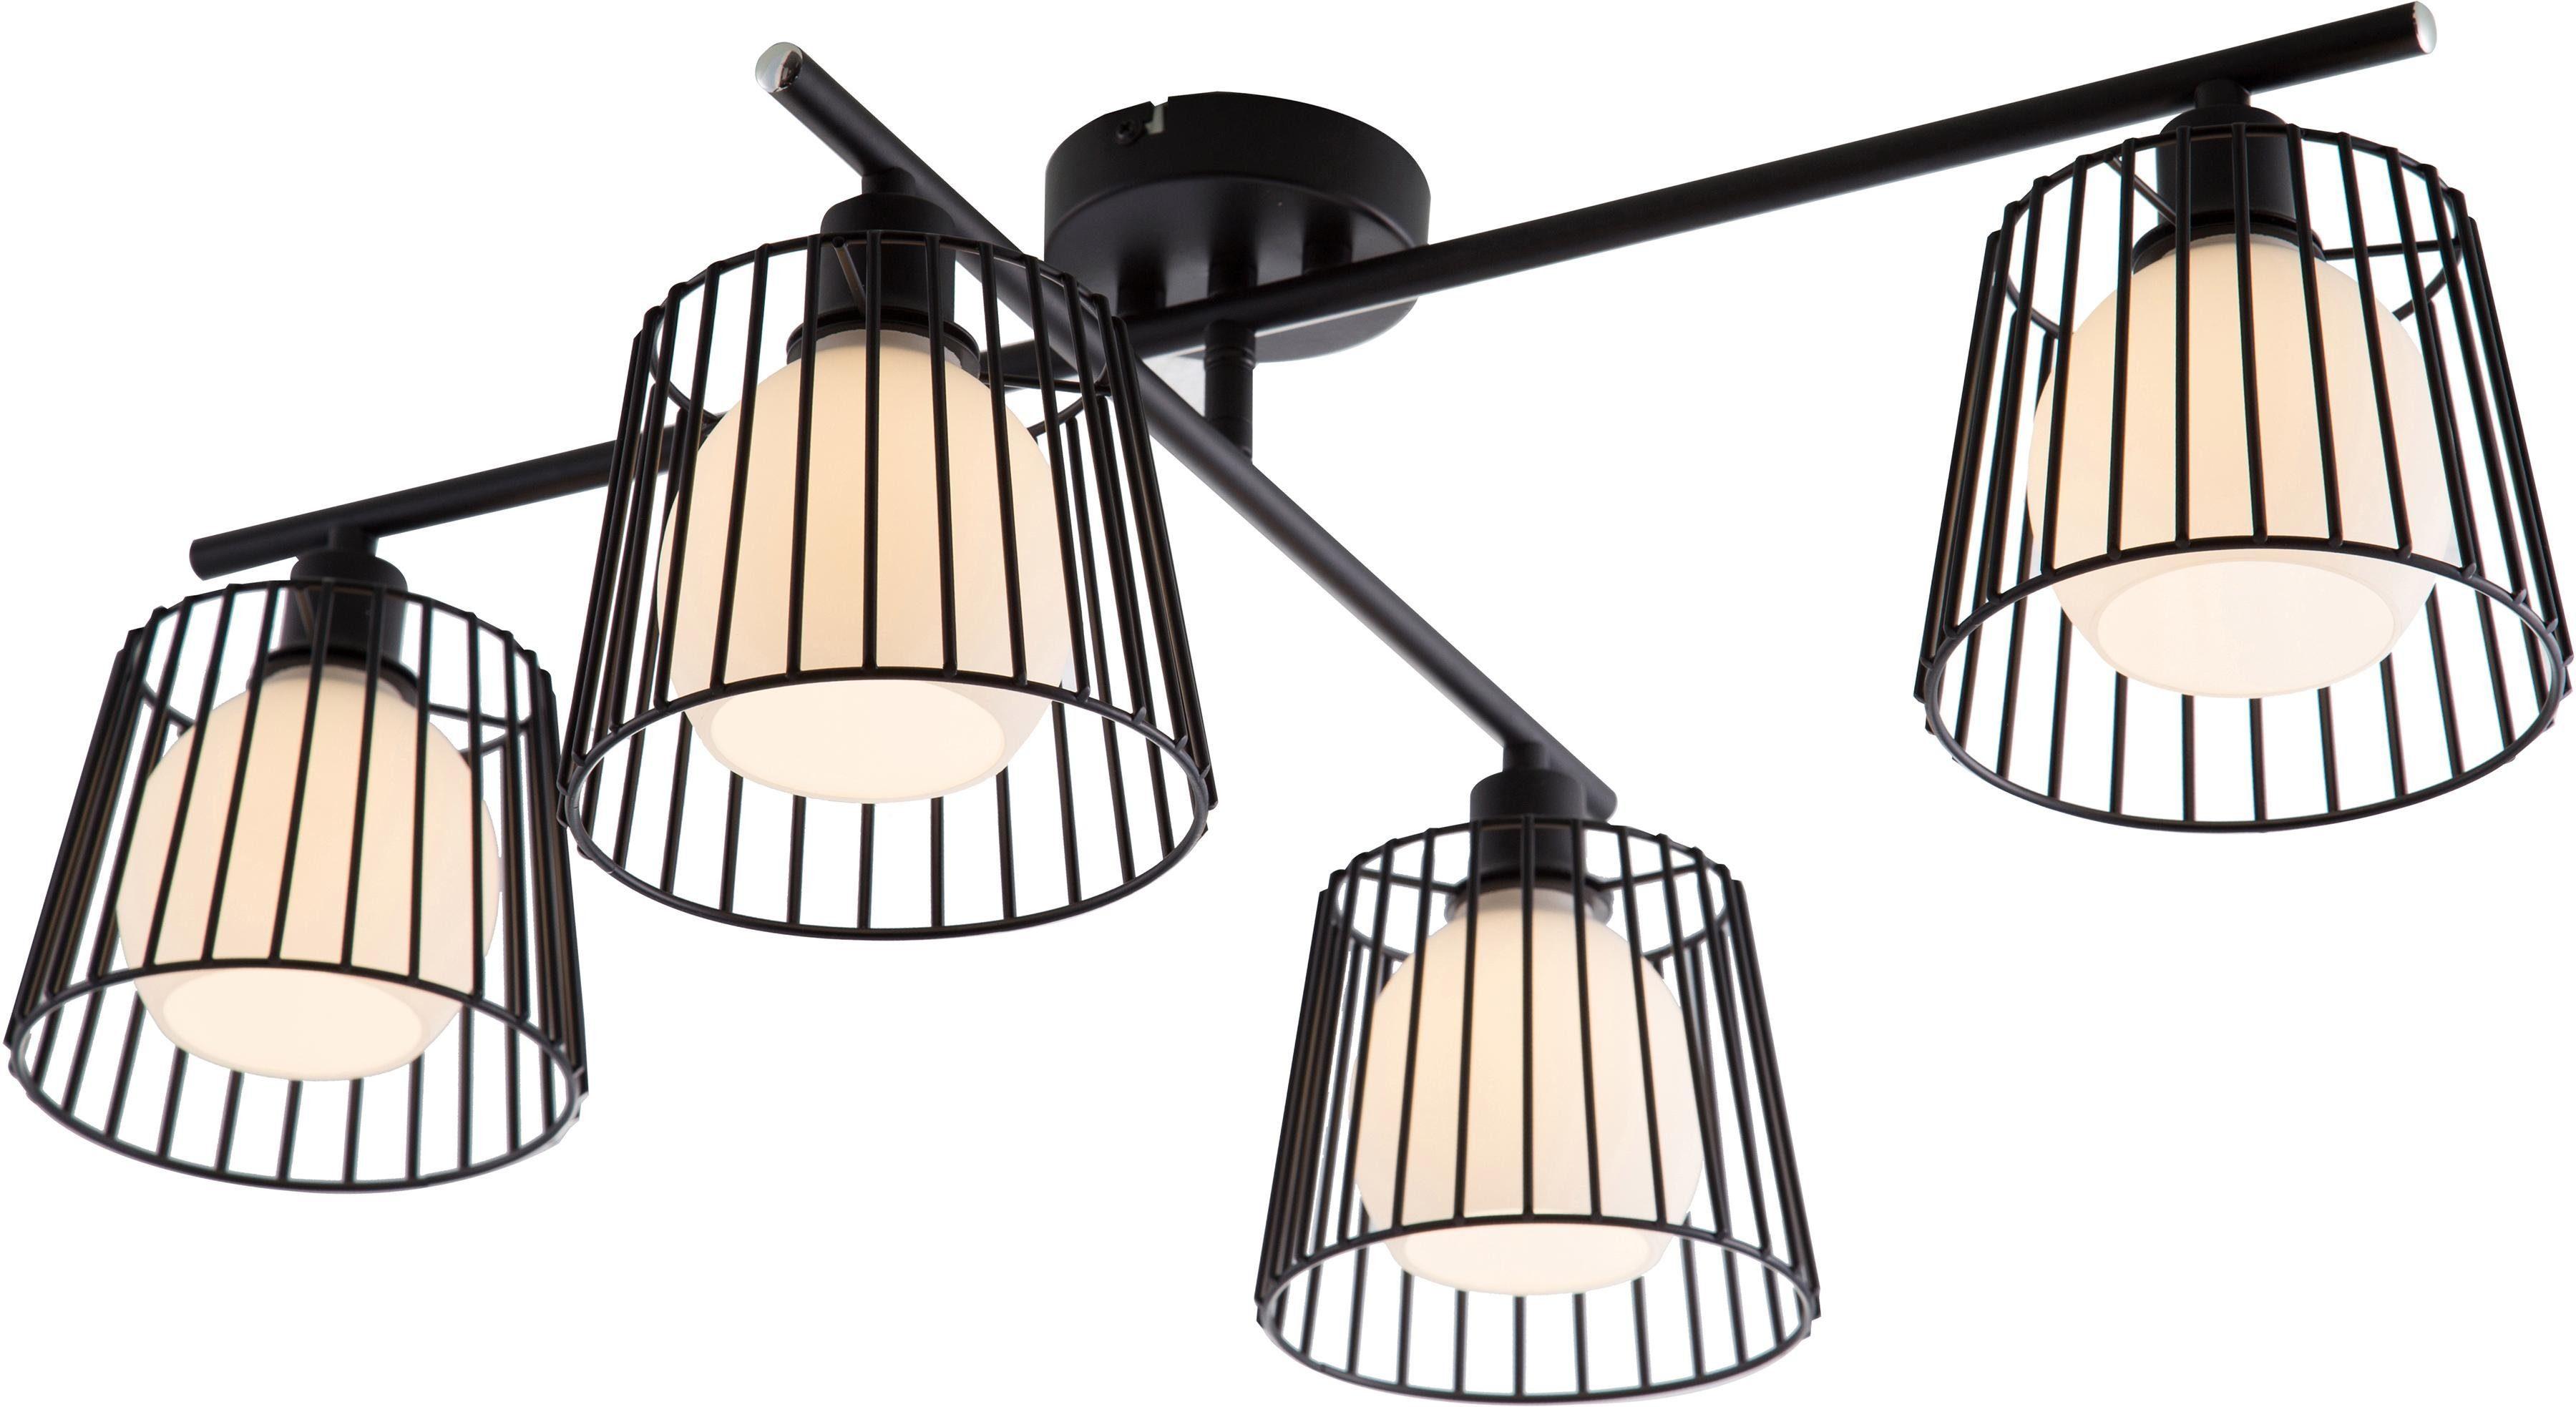 Nino Leuchten Deckenleuchte PRISO, E14, 1 St., Deckenlampe